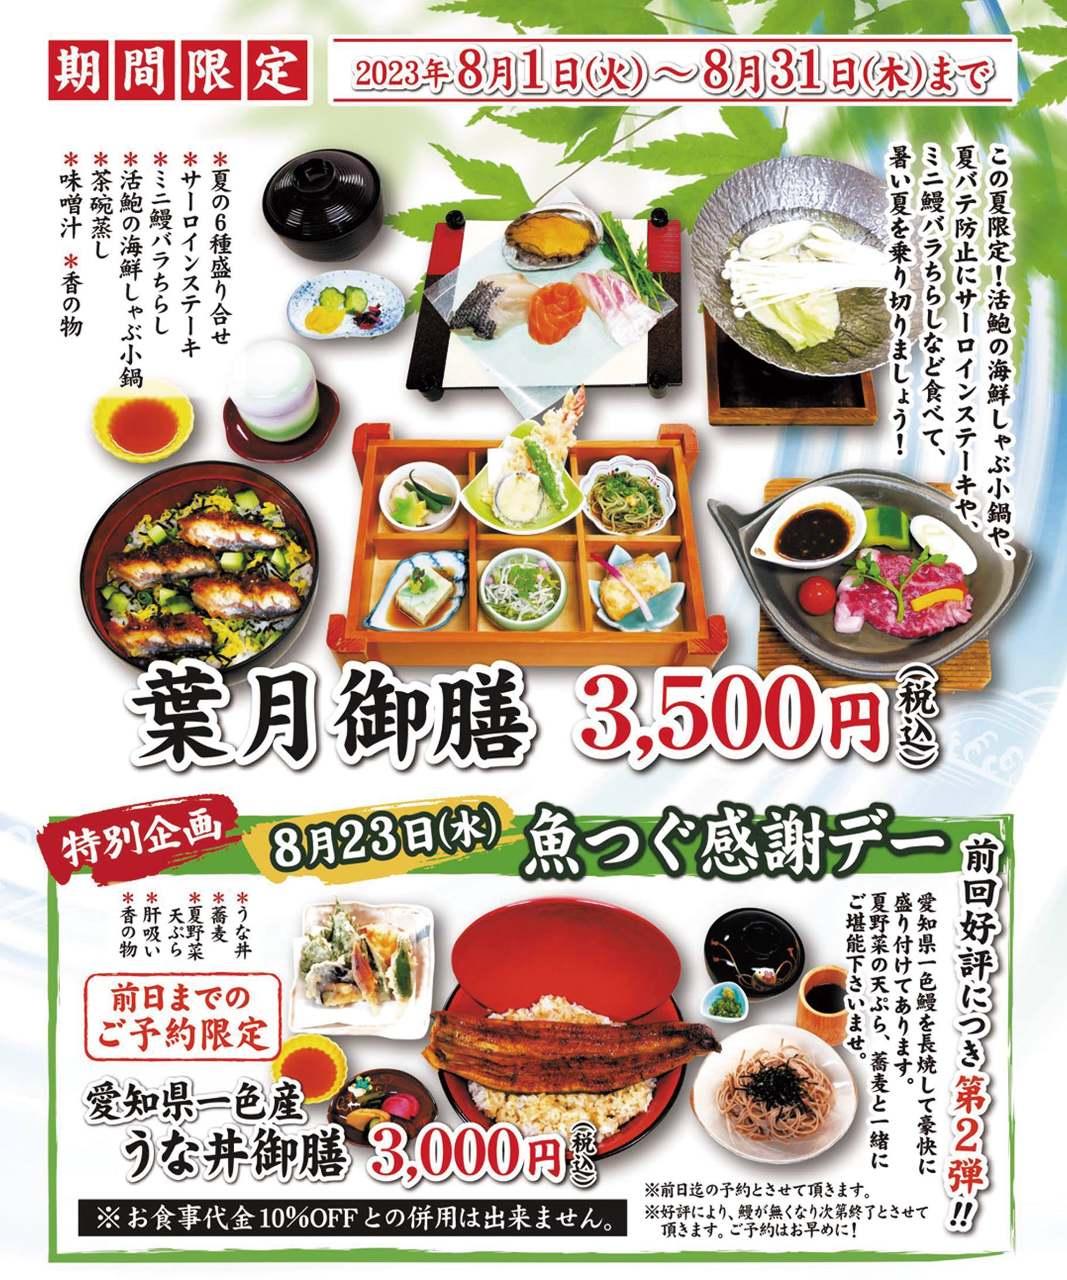 日本料理 魚つぐのイメージ写真